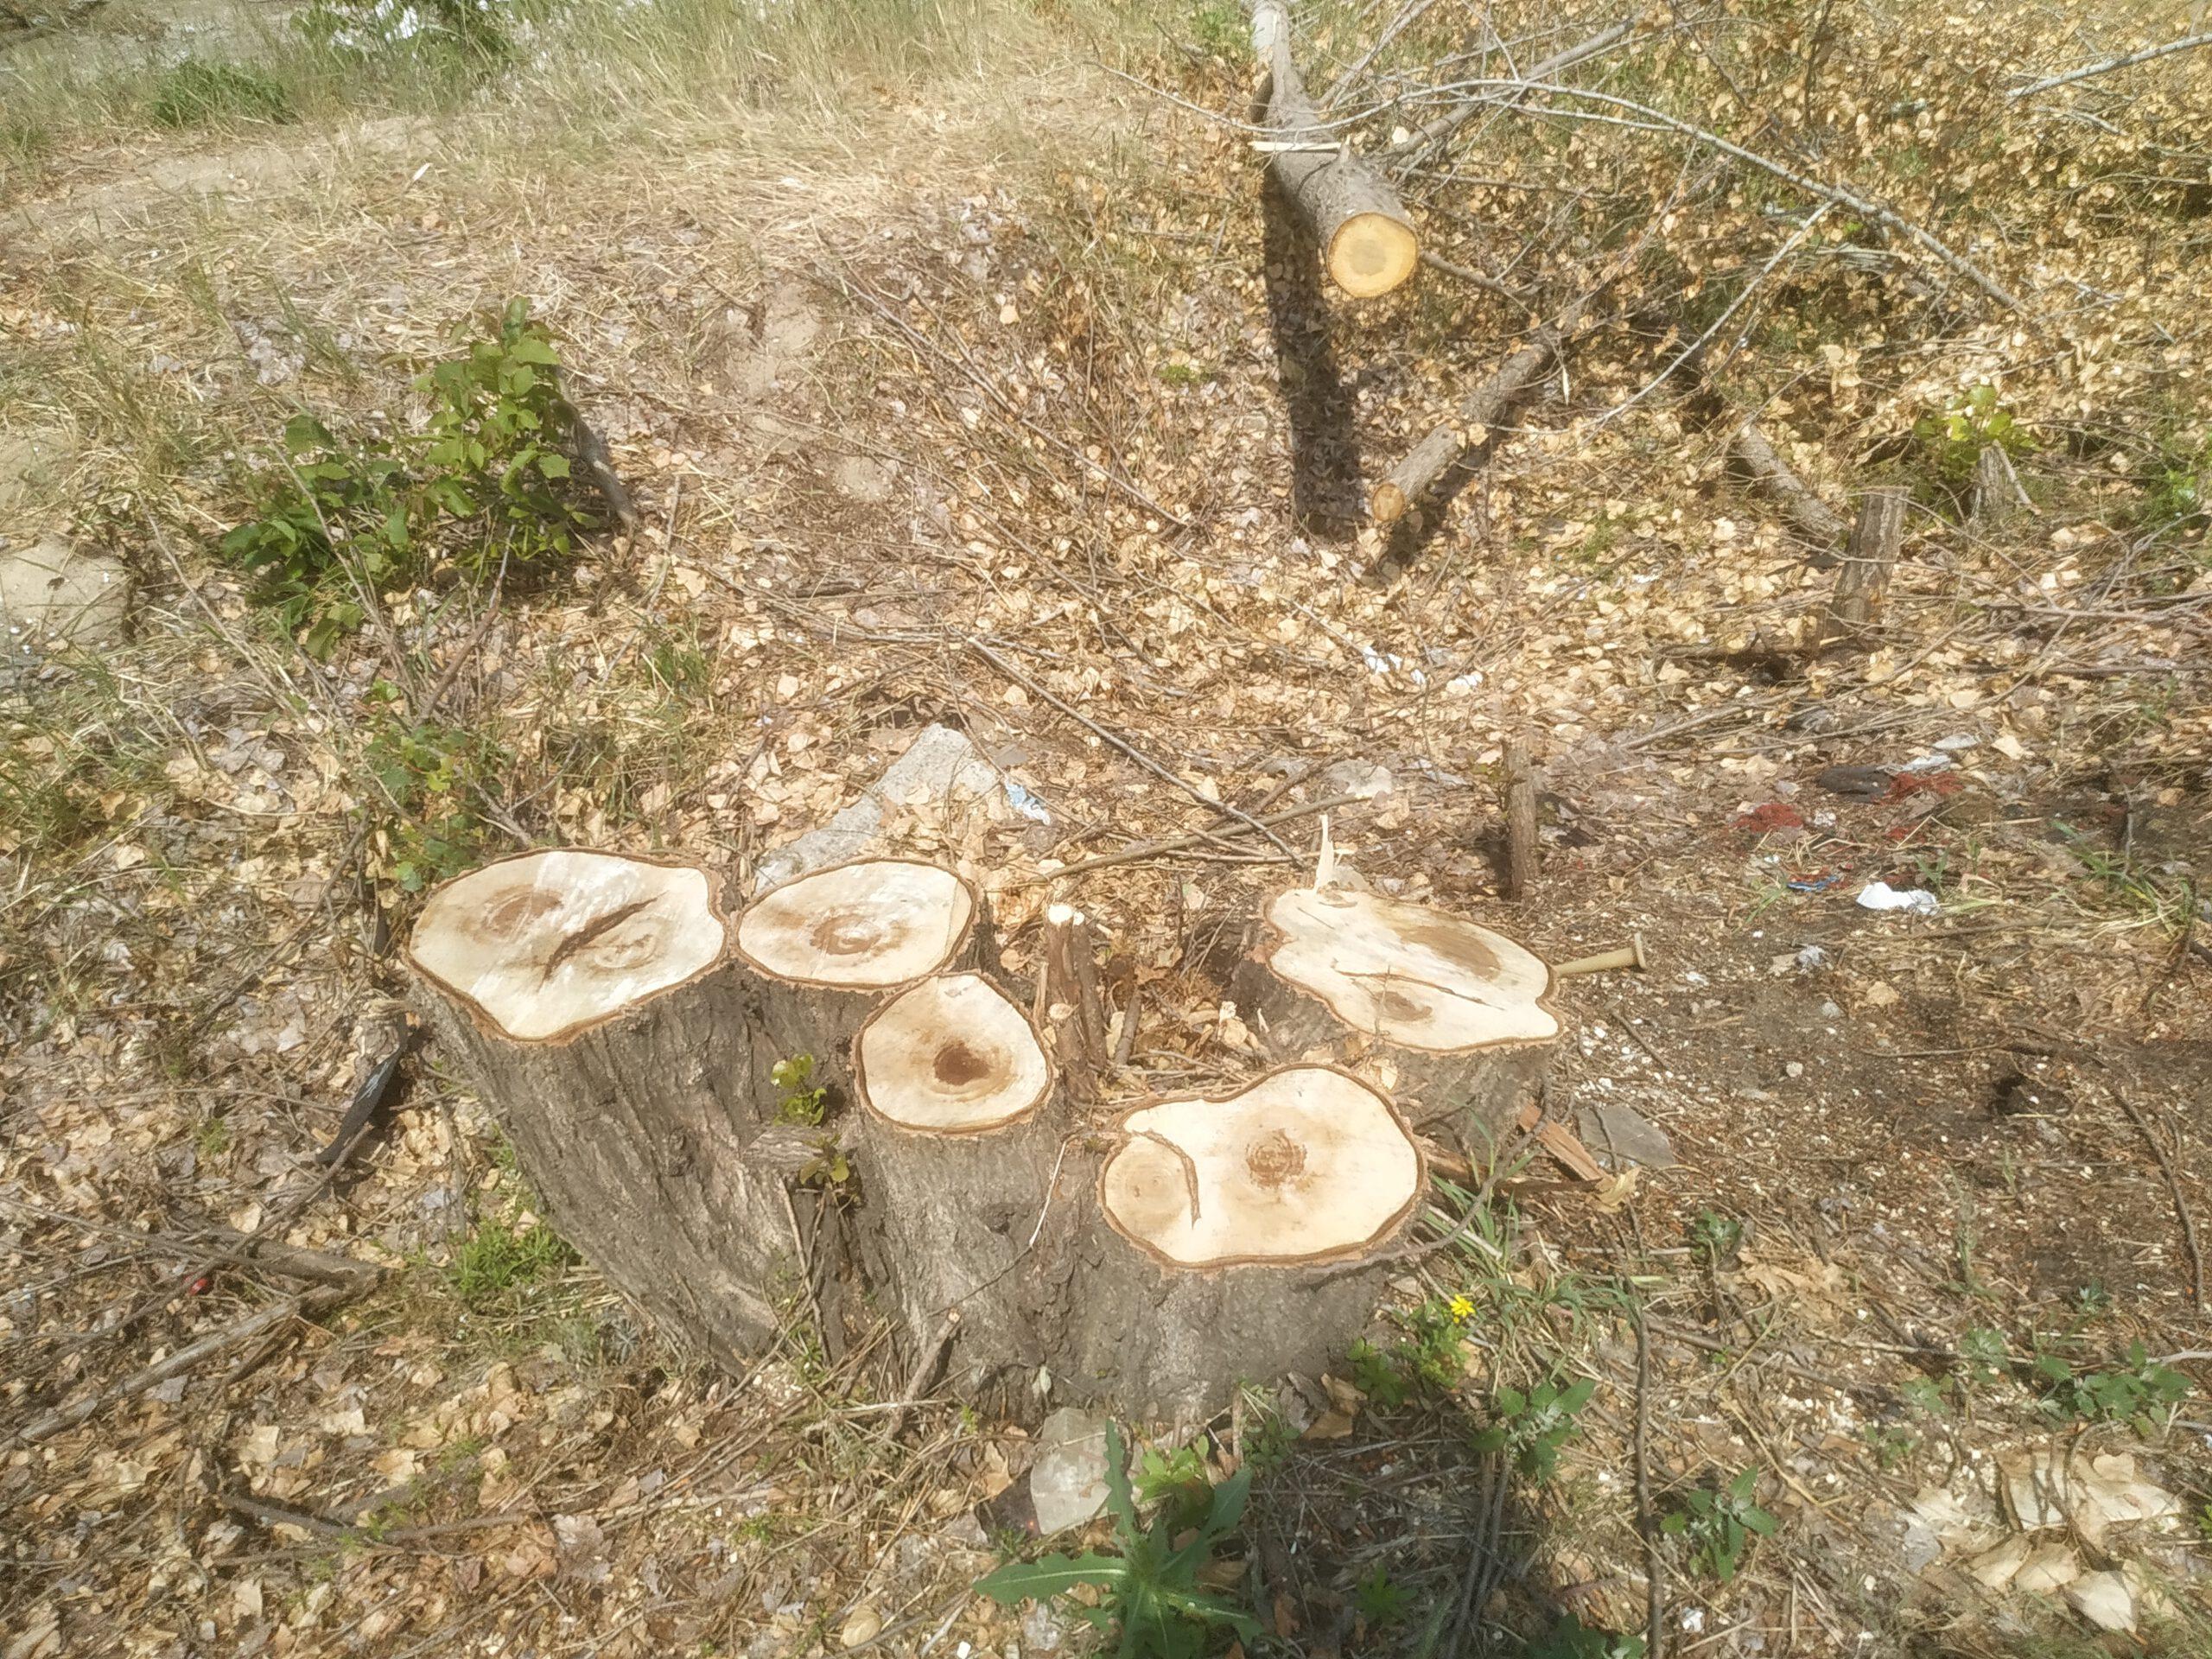 Поліція порушила кримінальну справу по факту вирубки дерев у спальному районі Запоріжжя